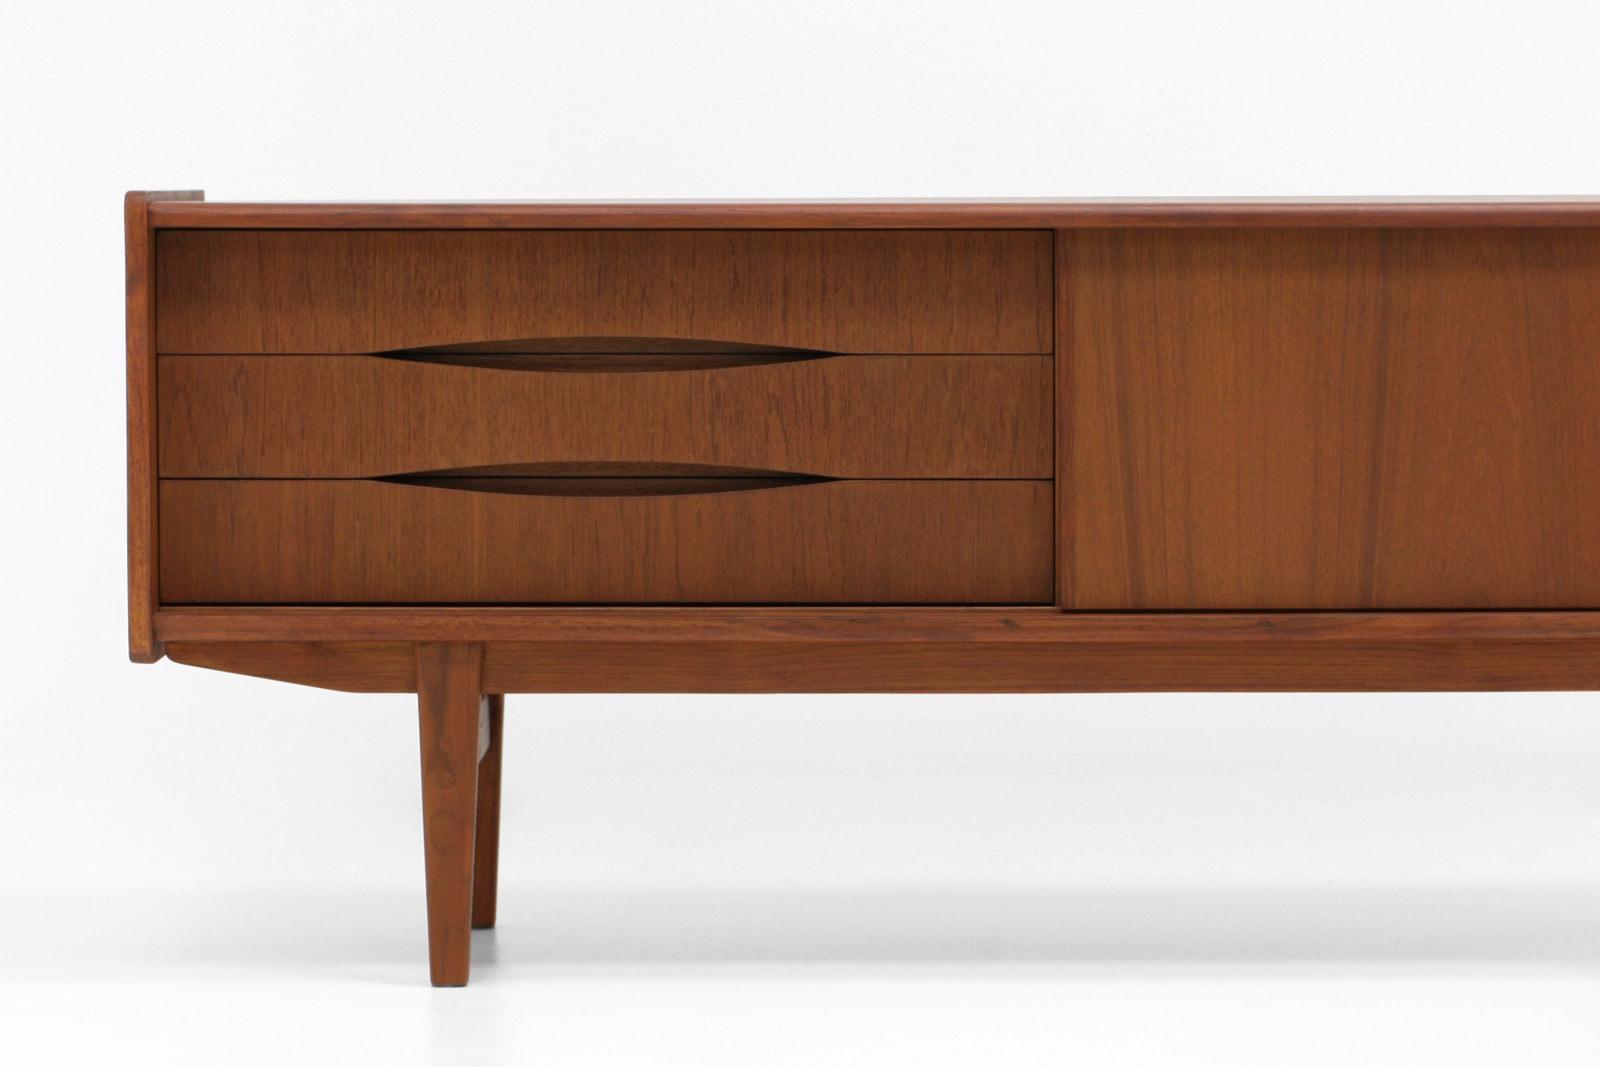 北欧,デザイン,家具,クロッケン,小さい,サイドボード,テレビボード